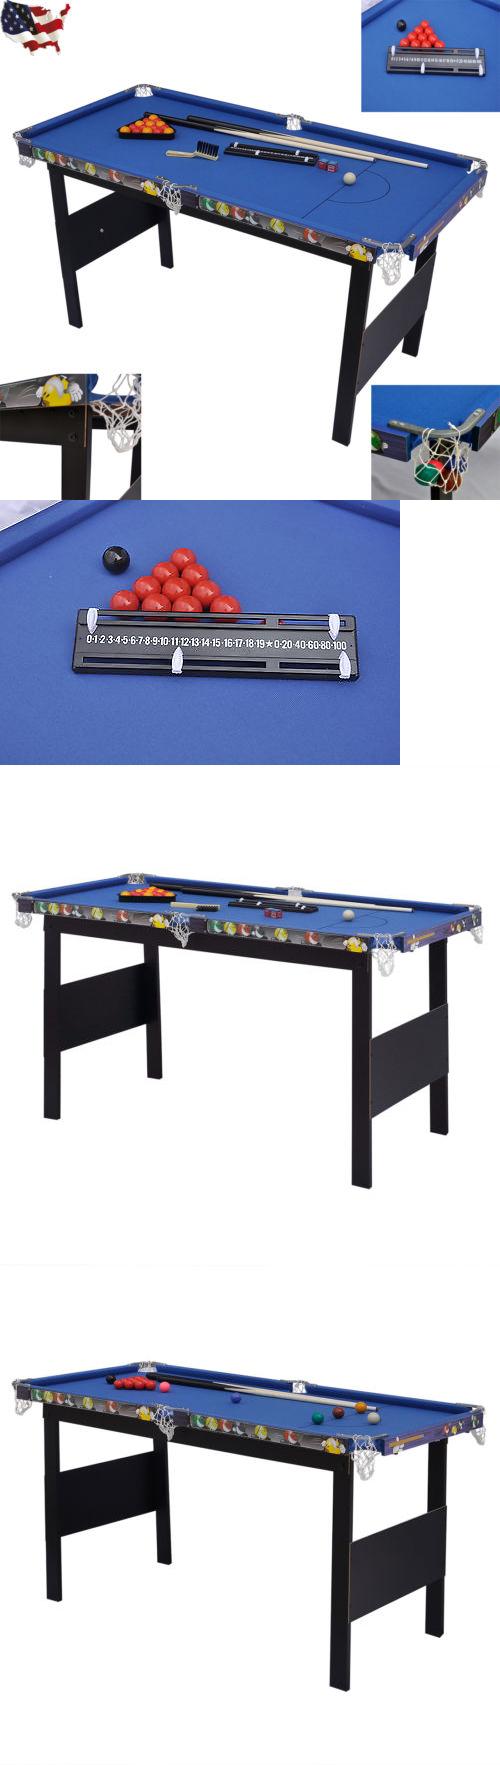 Tables 21213: Indoor Games Kids Children Folding Snooker Pool Table Deluxe  Billiard Blue BUY IT